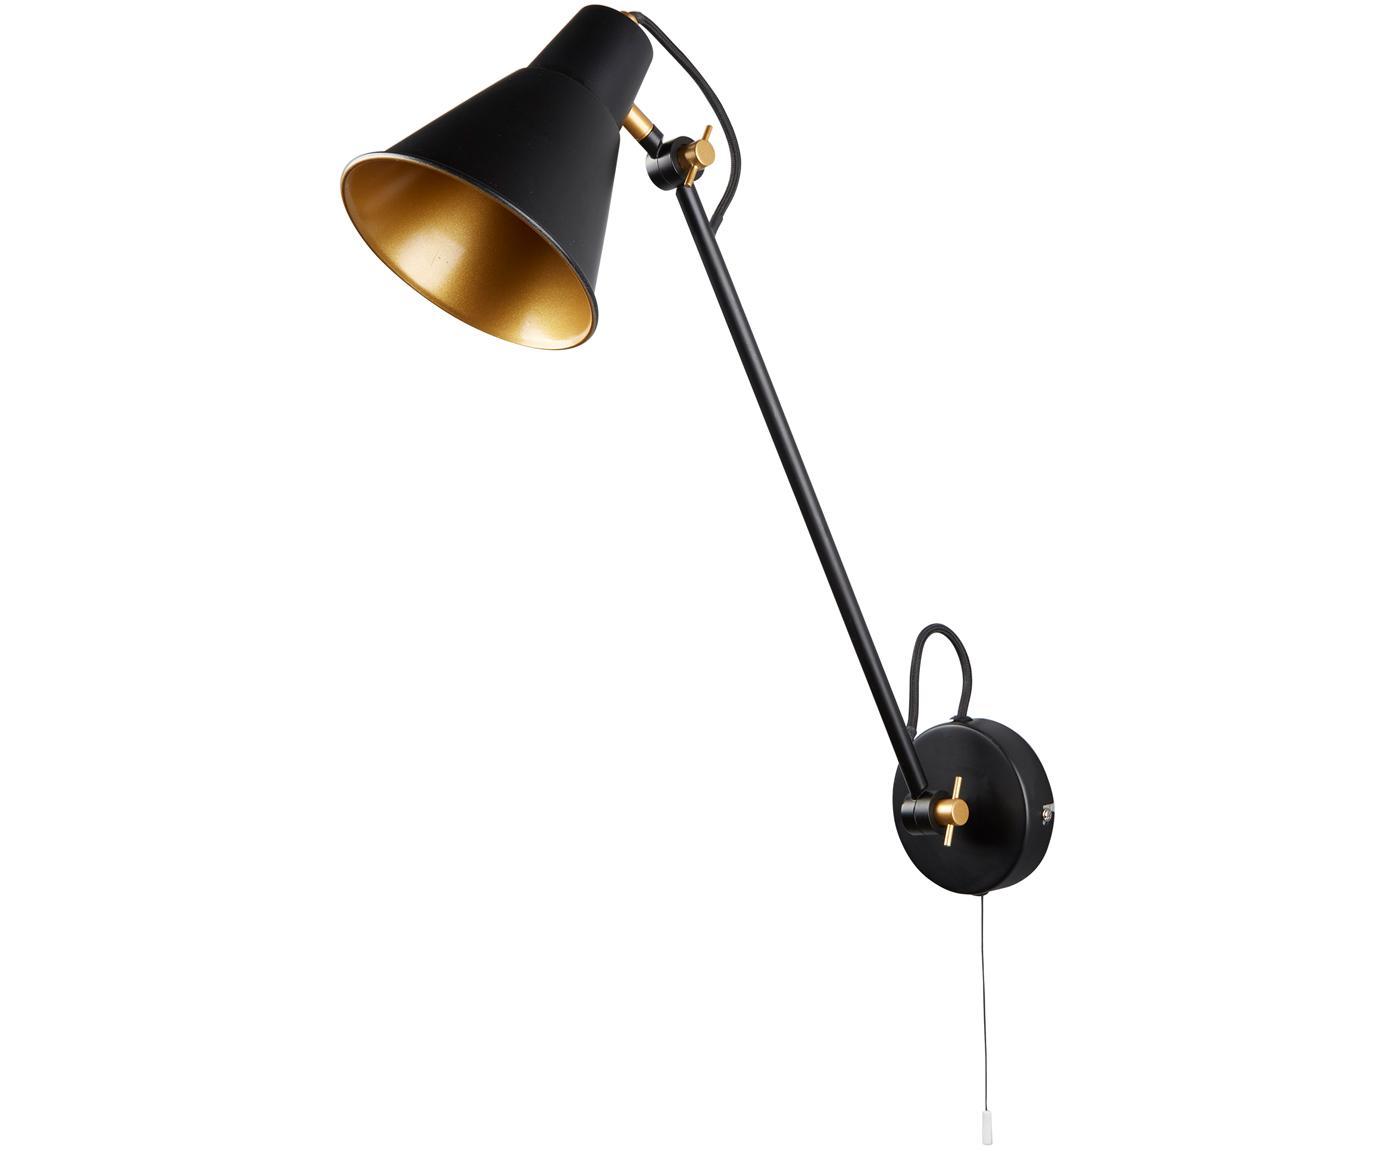 Wandlamp  Justa, Gecoat metaal, Zwart, goudkleurig, 14 x 55 cm